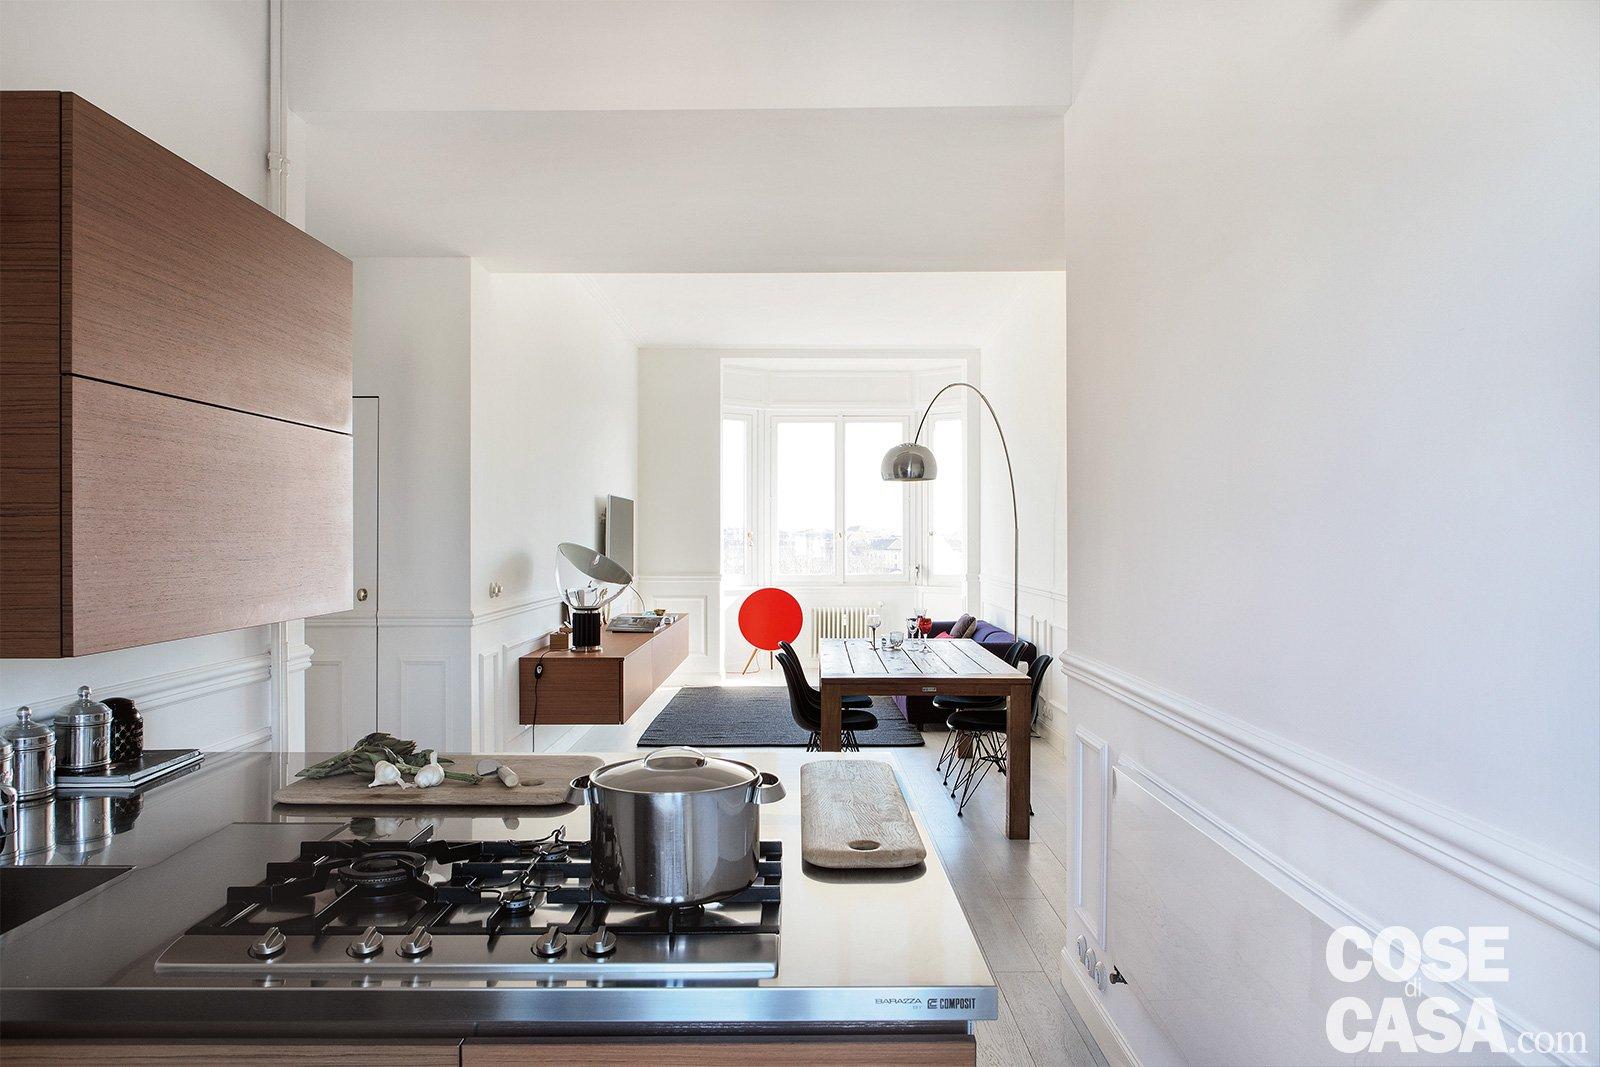 85 mq: una casa in stile classico contemporaneo - Cose di Casa